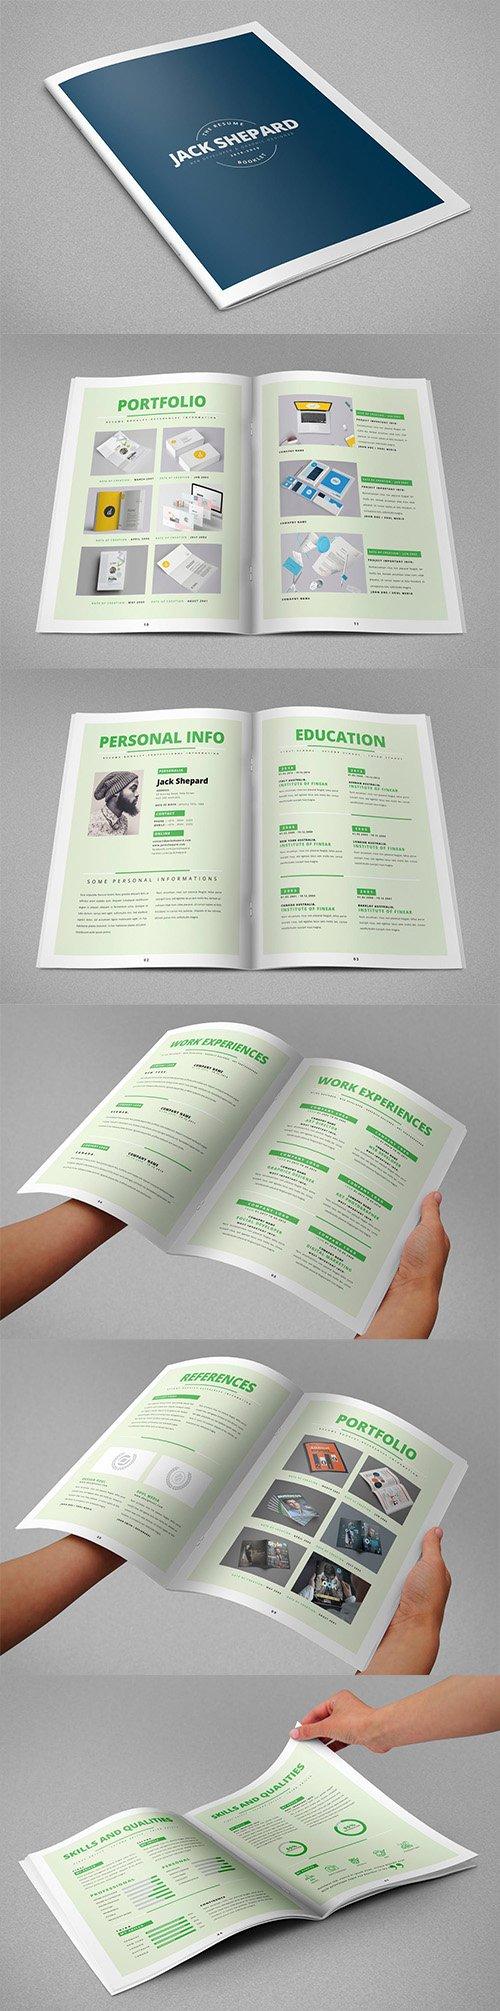 Resume Booklet INDD